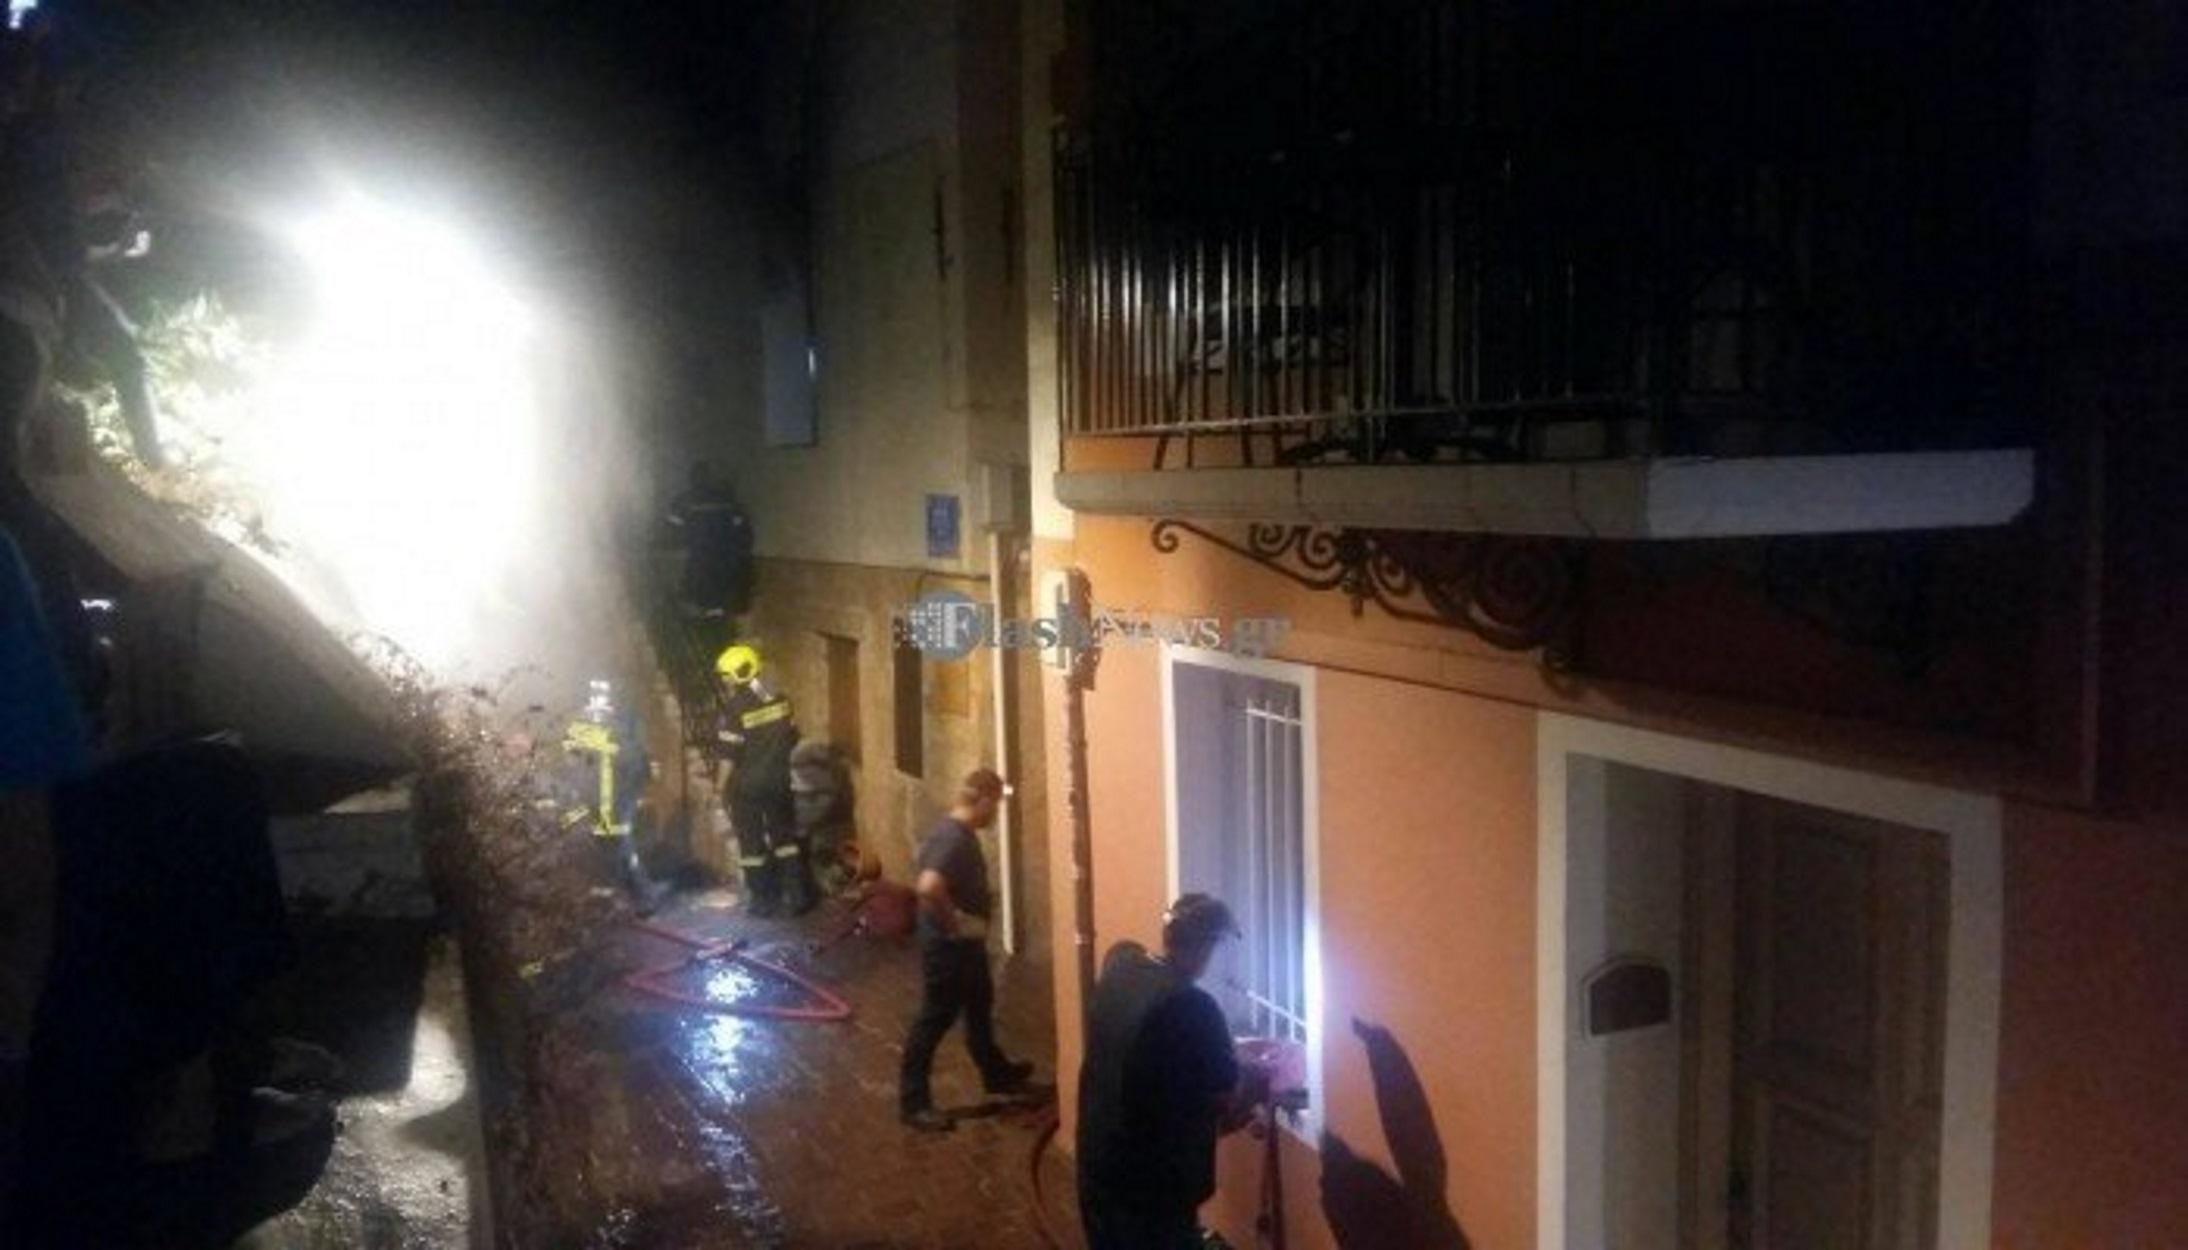 """Χανιά: Έβαλε φωτιά και έκαψε το σπίτι για να """"εκδικηθεί"""" την πρώην (video)"""